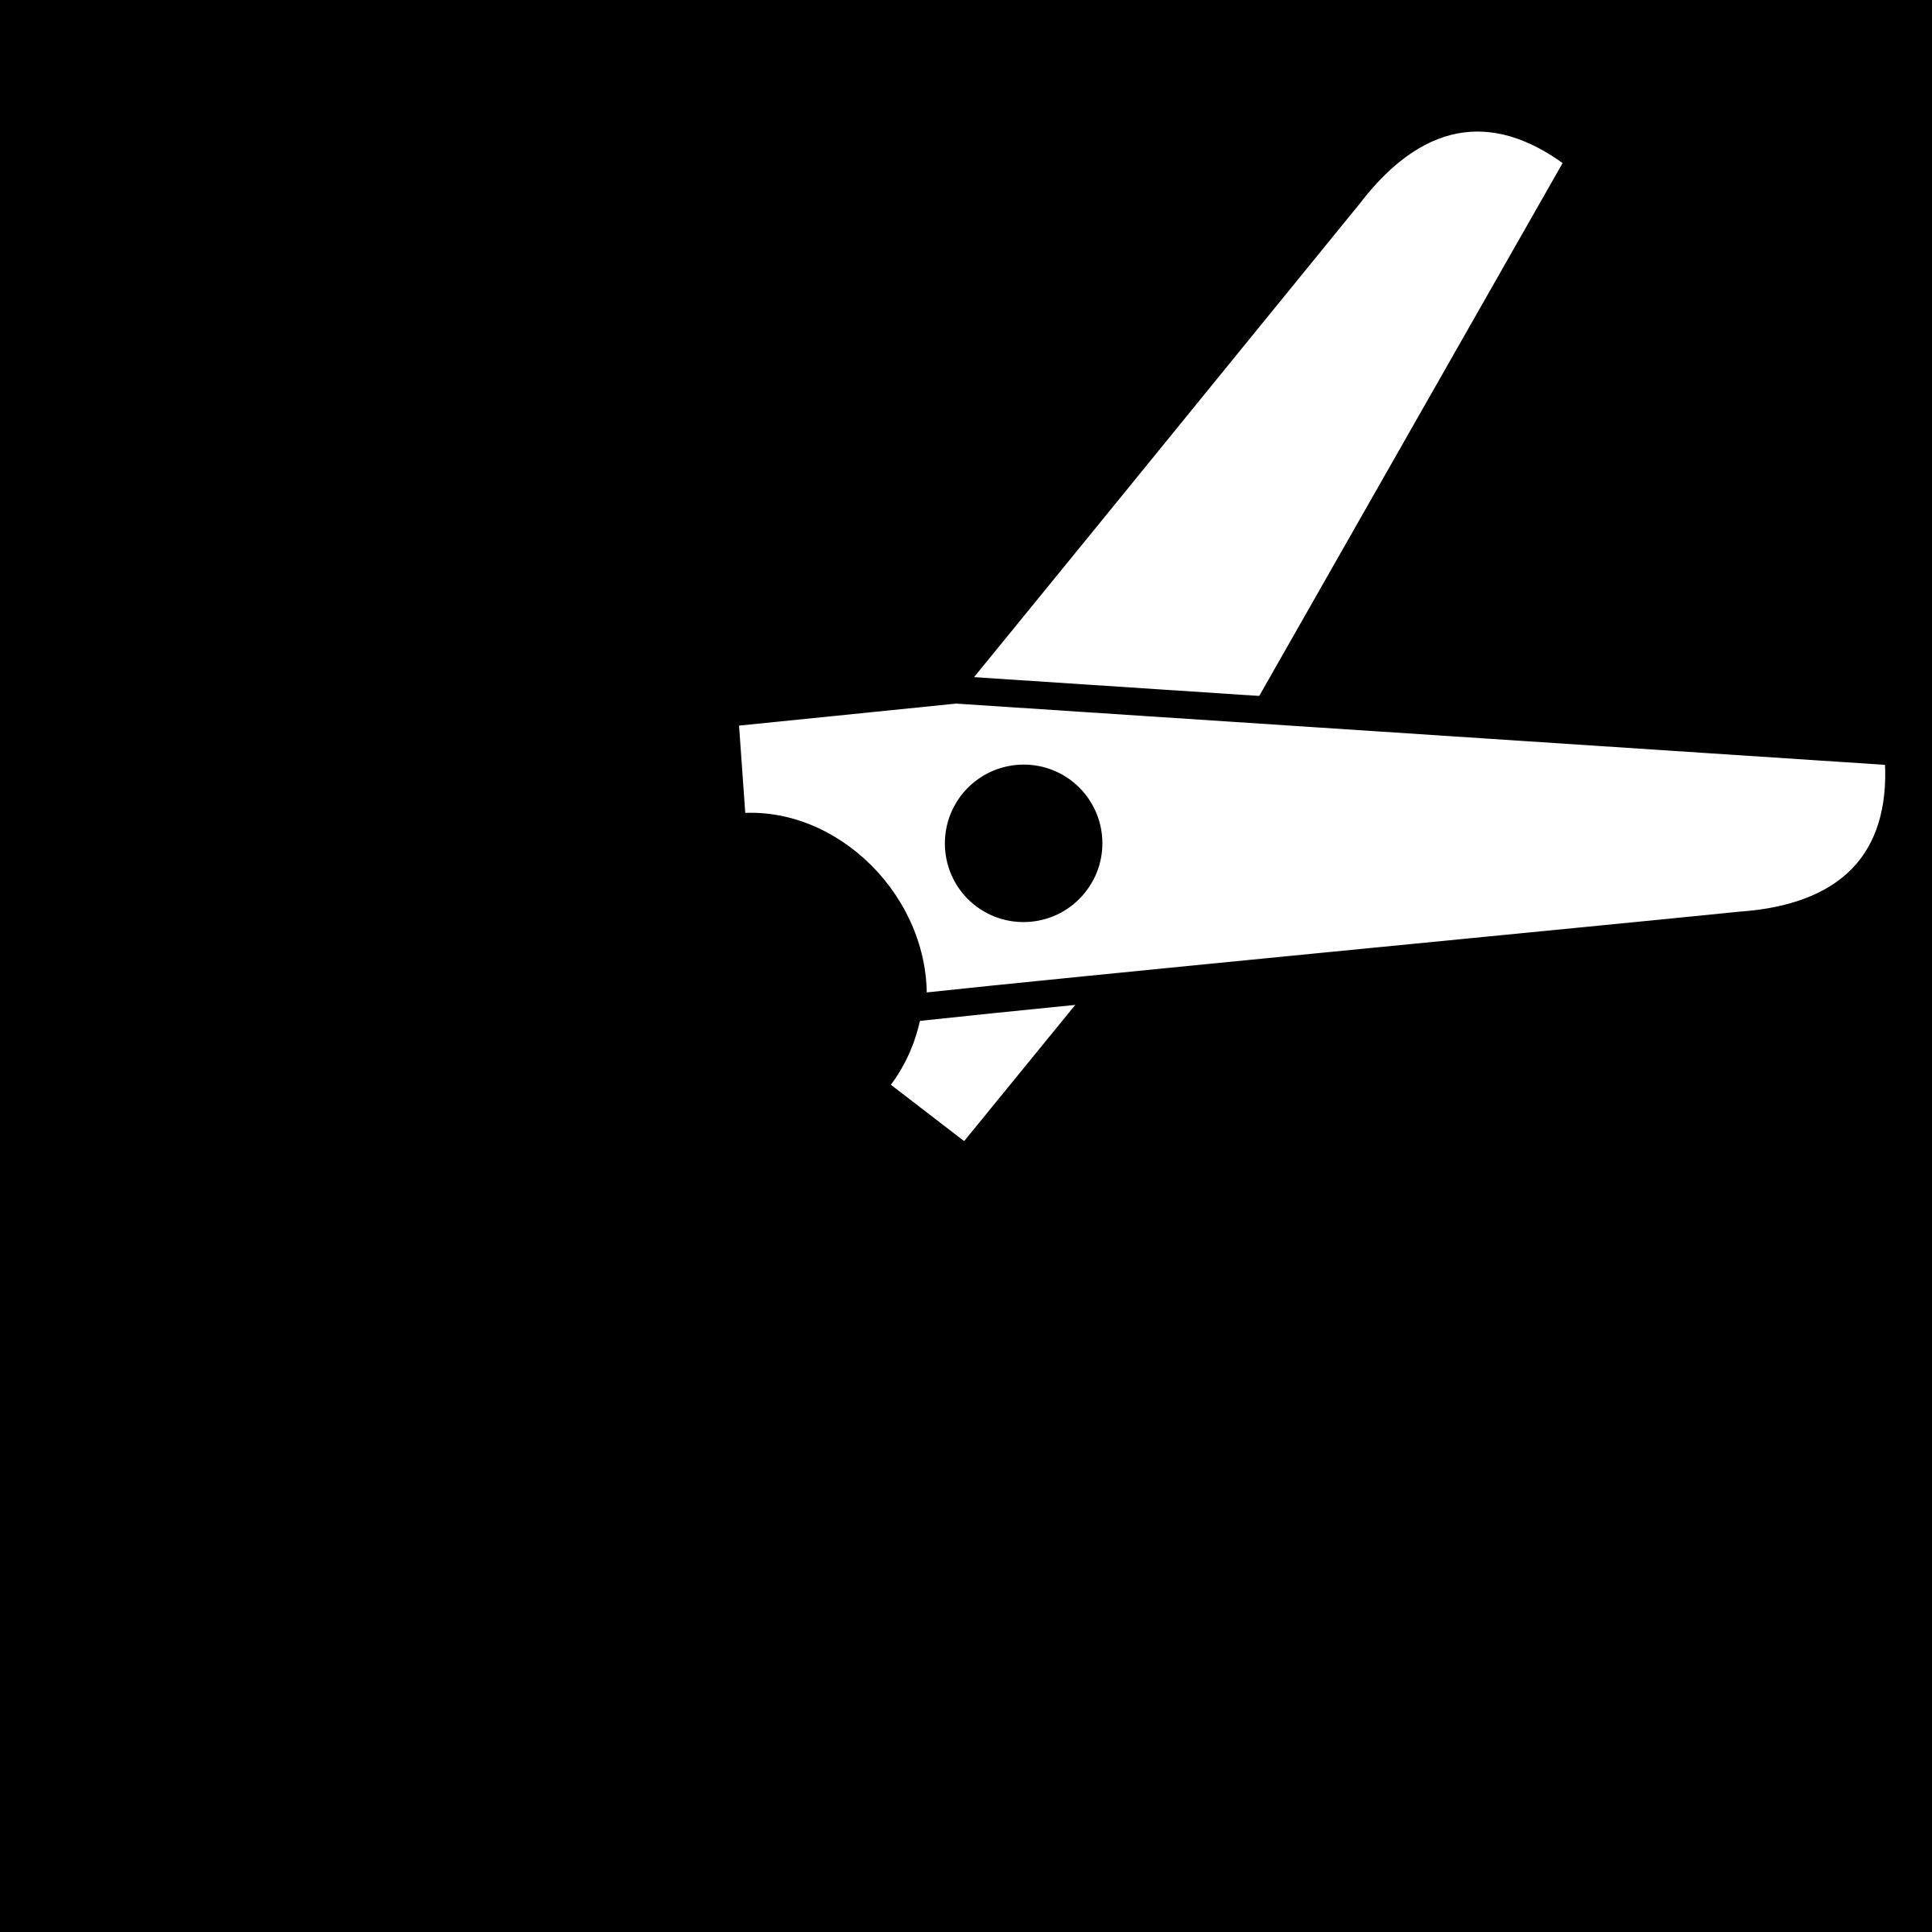 Half open icon big. Clipart scissors closed